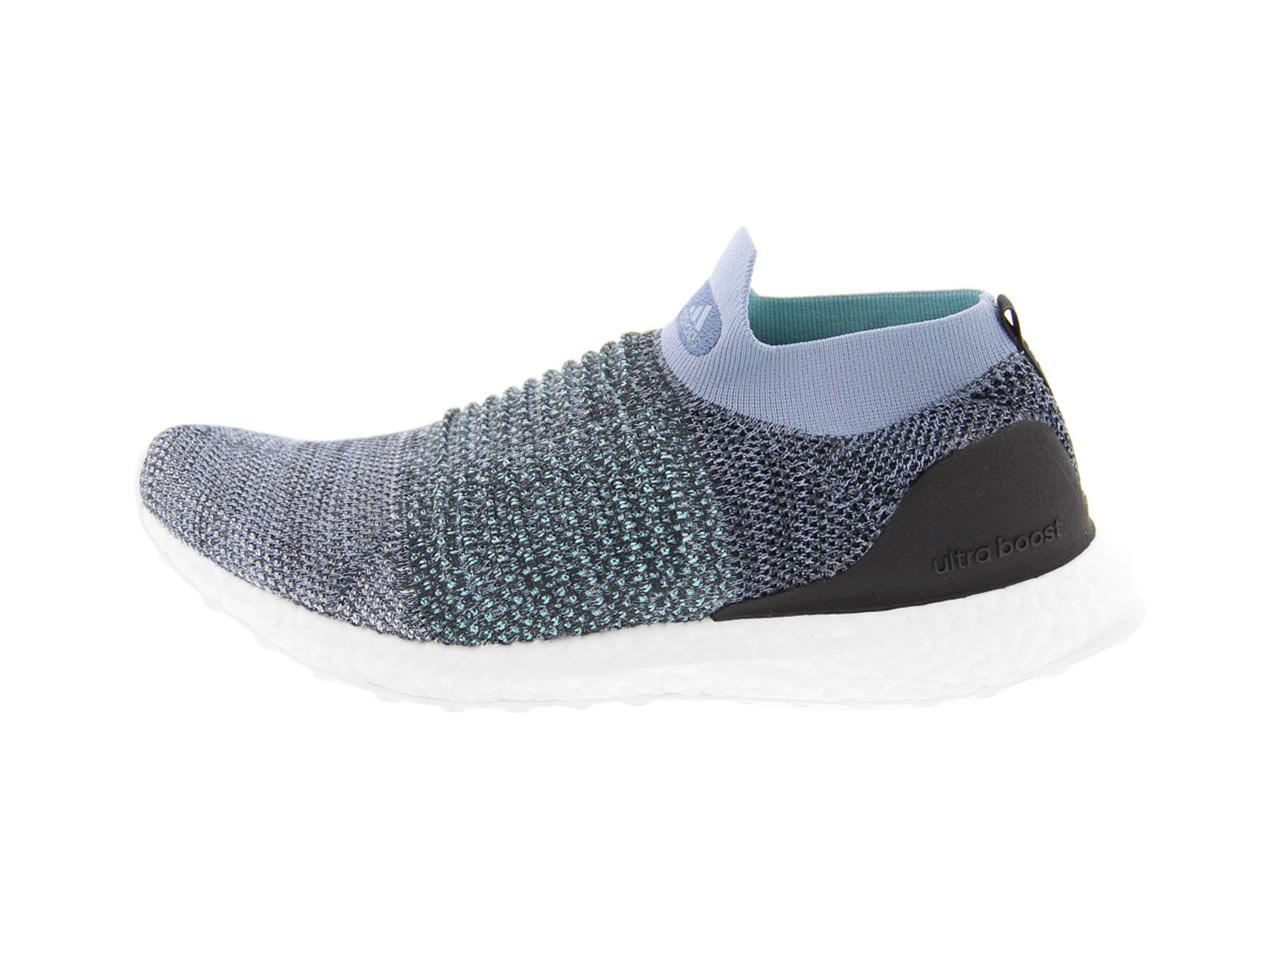 adidas UltraBOOST LACELESS Parley(CM8271)【アディダス ウルトラブースト レースレス パーレイ】【メンズファッション】【ランニング】【スニーカー】【シューズ】【靴】【フットウェア】【バーゲン】